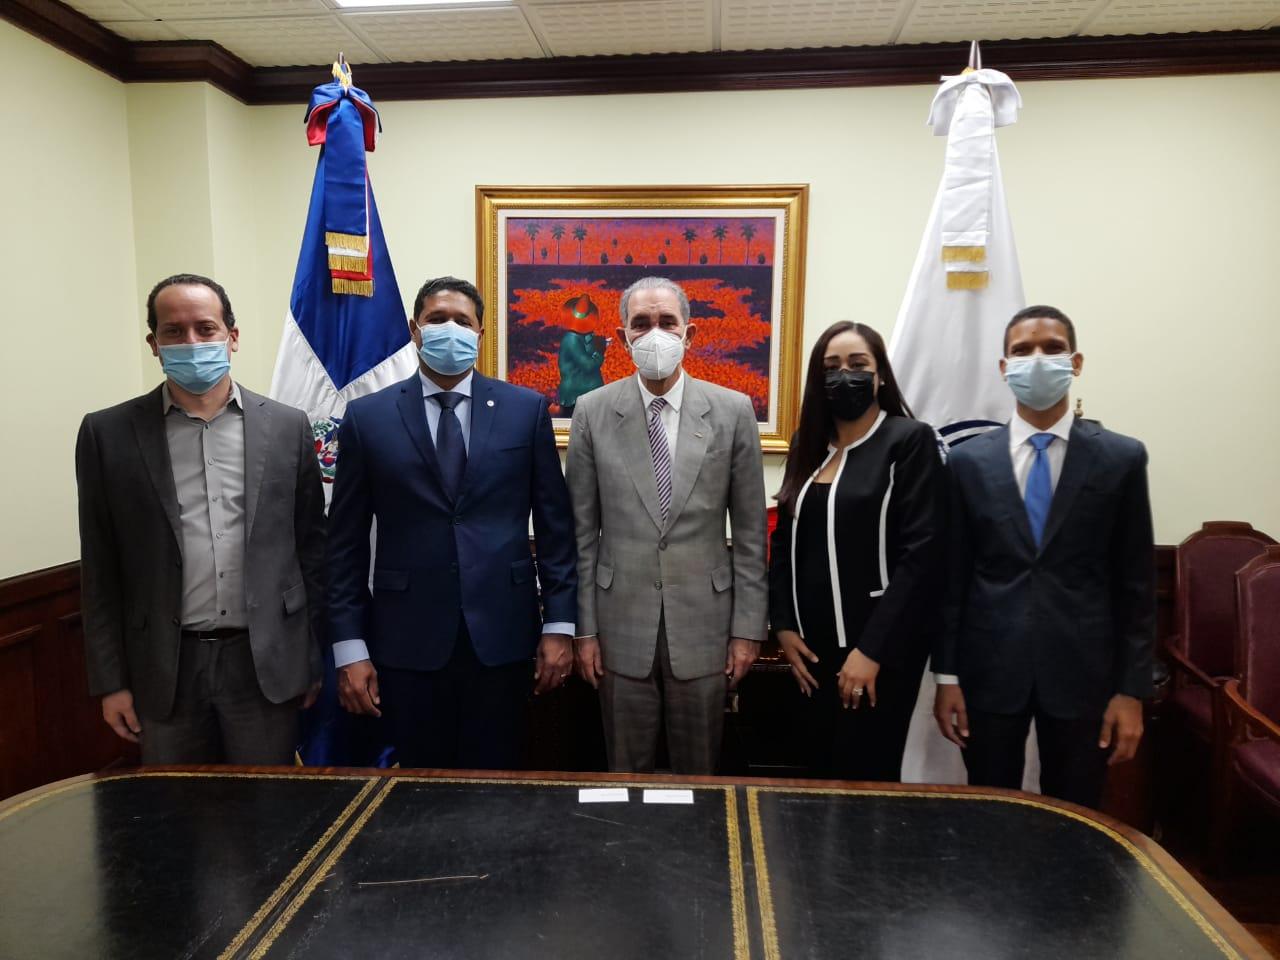 Acuerdo de Colaboración MOU con Ministerio de Educación Superior, Ciencia y Tecnología MESCYT e Internet Society República Dominicana ISOC-Do para mejorar las capacidades digitales del sector universitario de la República Dominicana